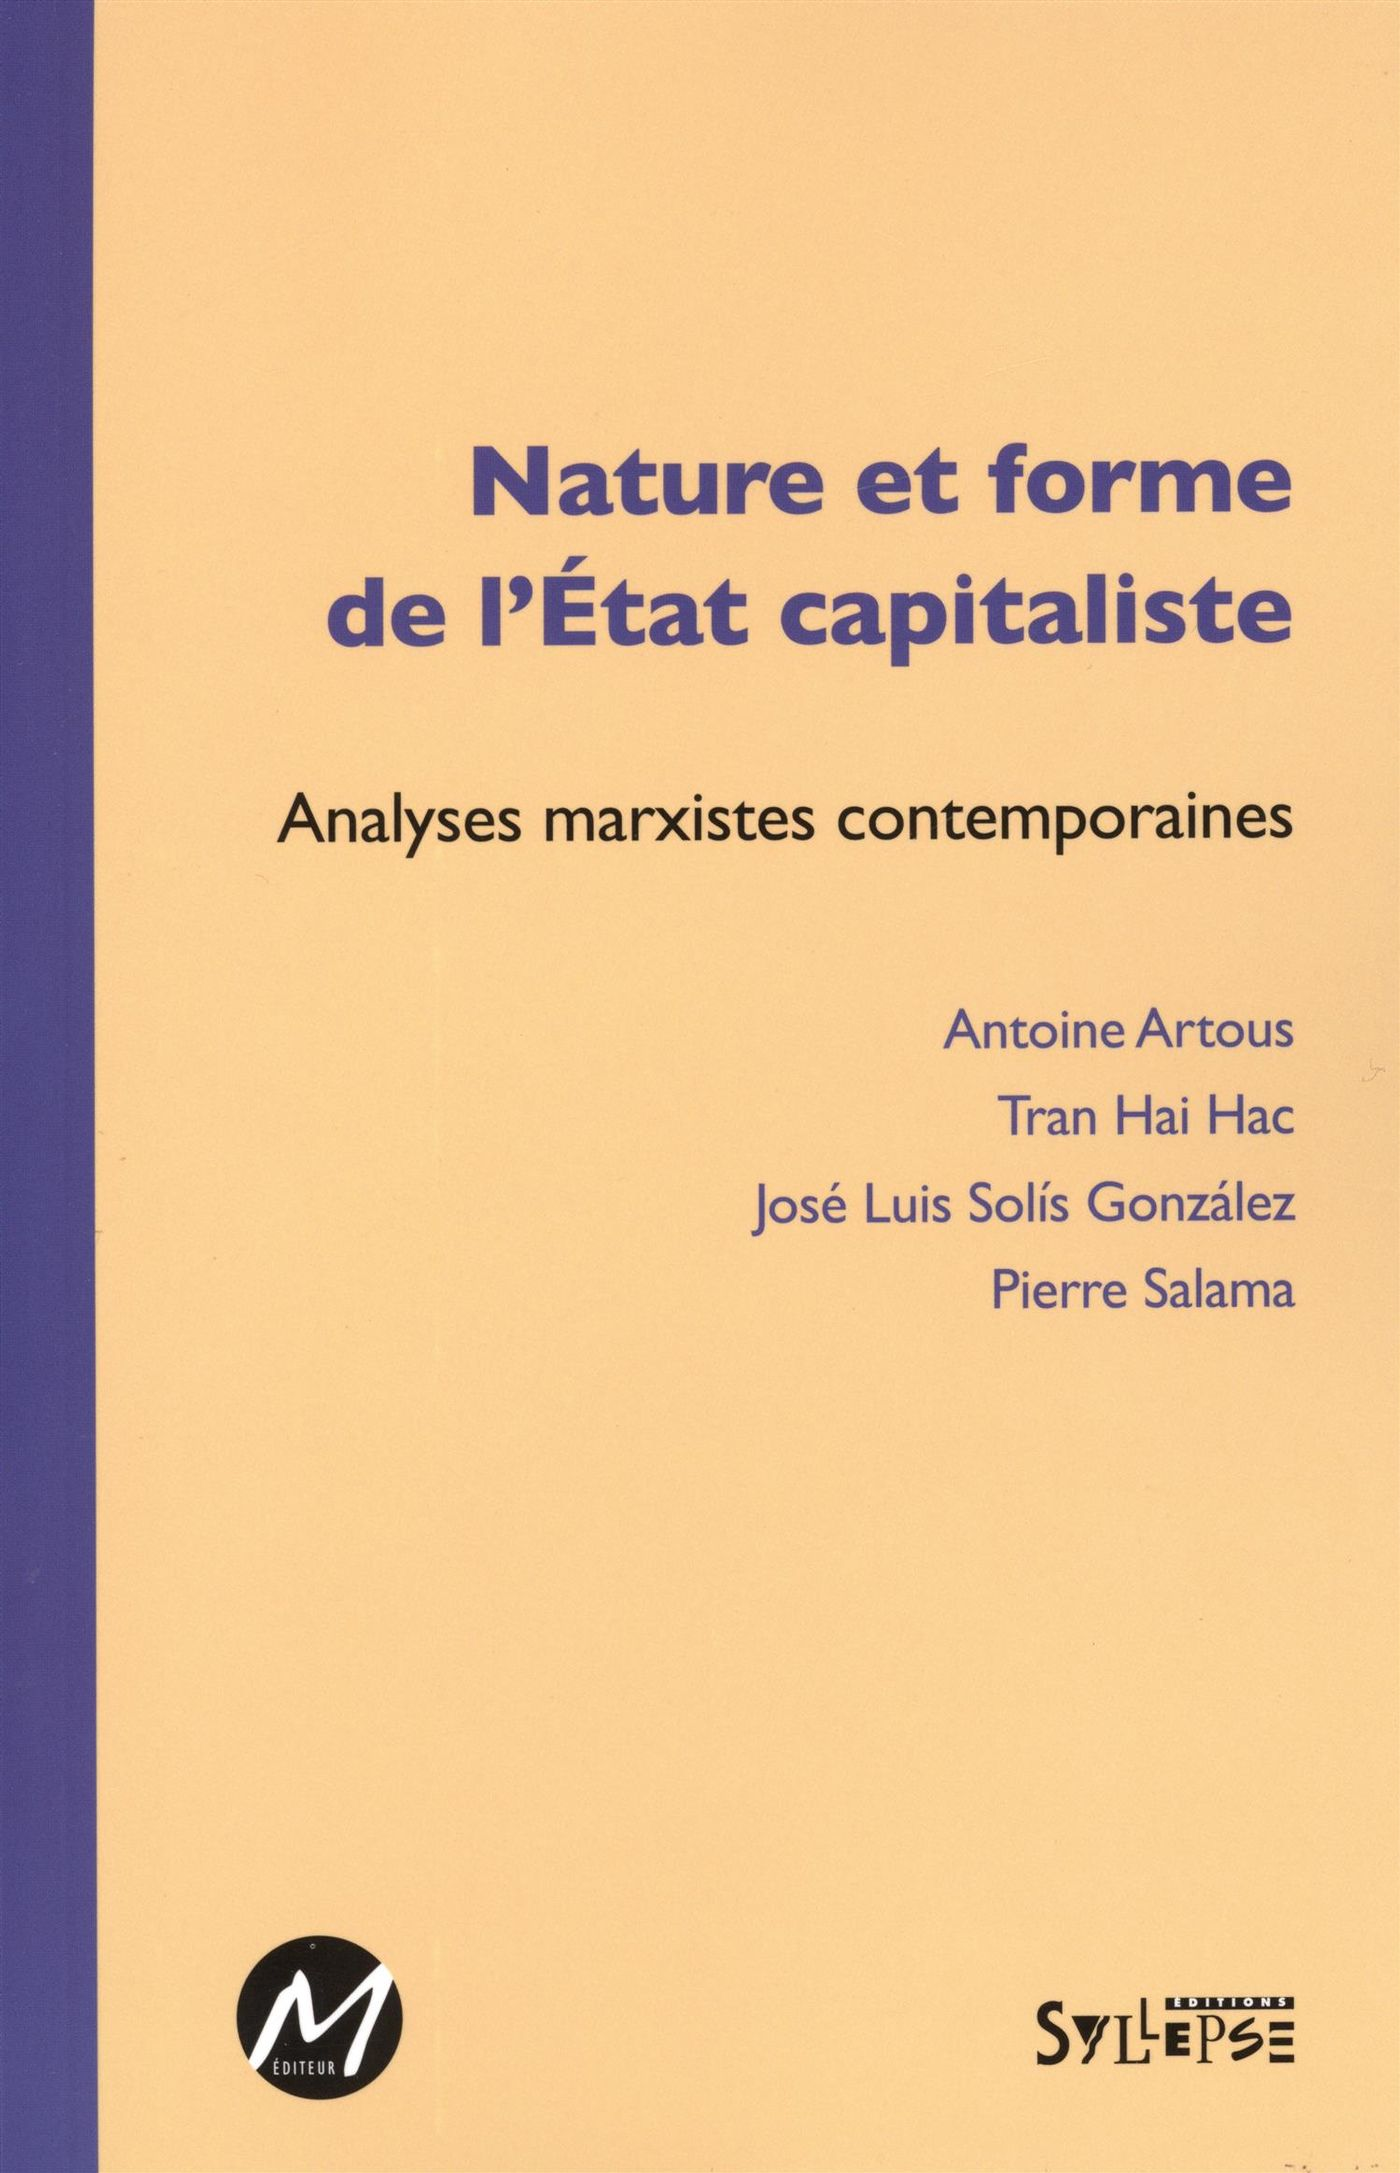 Nature et forme de l'Etat capitaliste